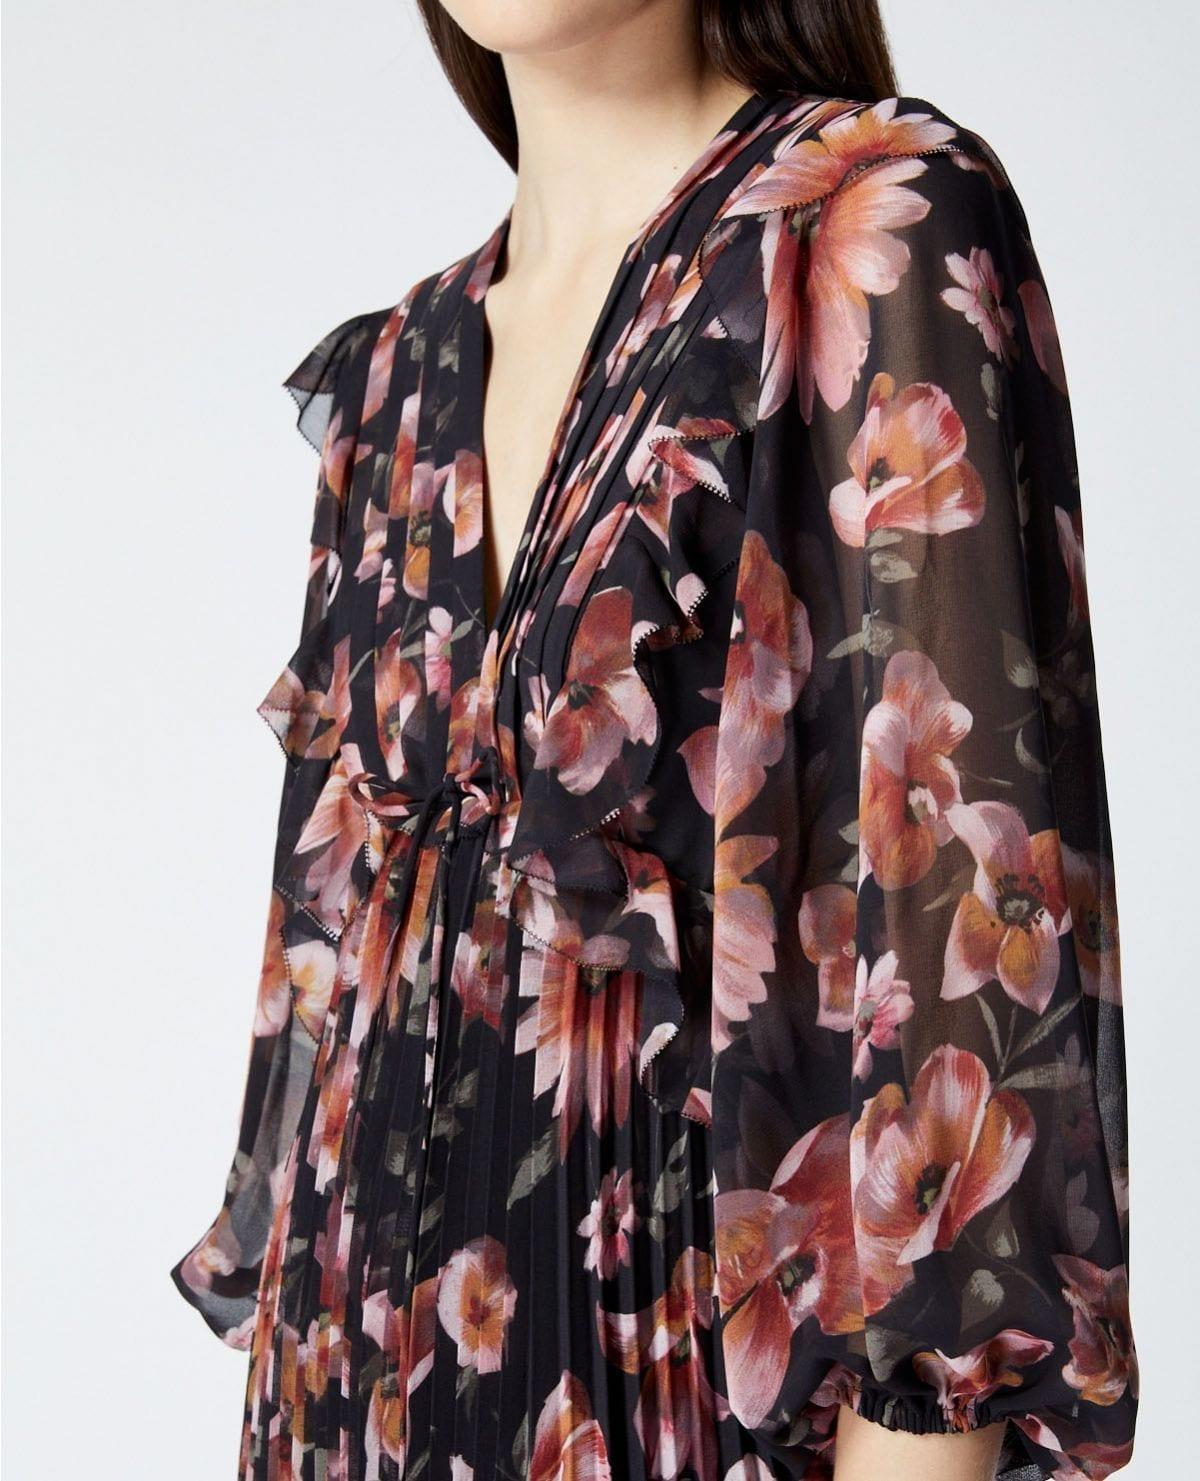 THE KOOPLES Short Printed Dress